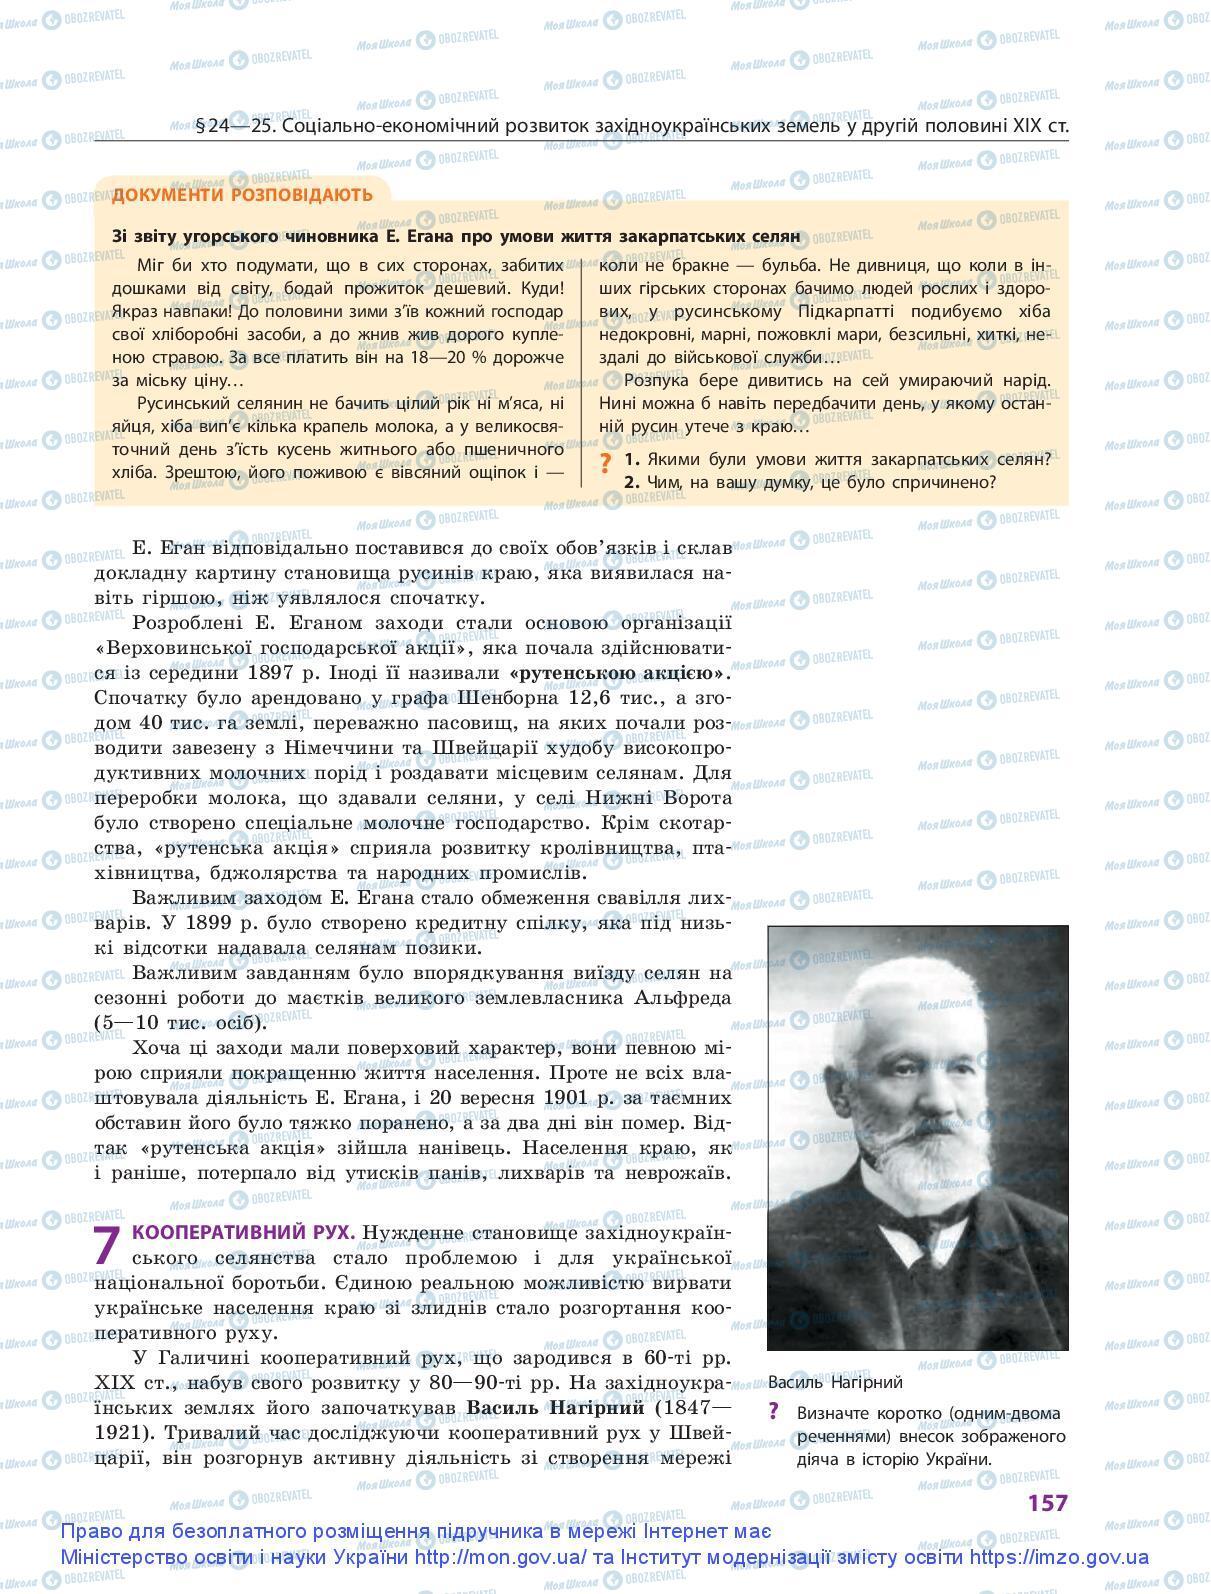 Підручники Історія України 9 клас сторінка 157